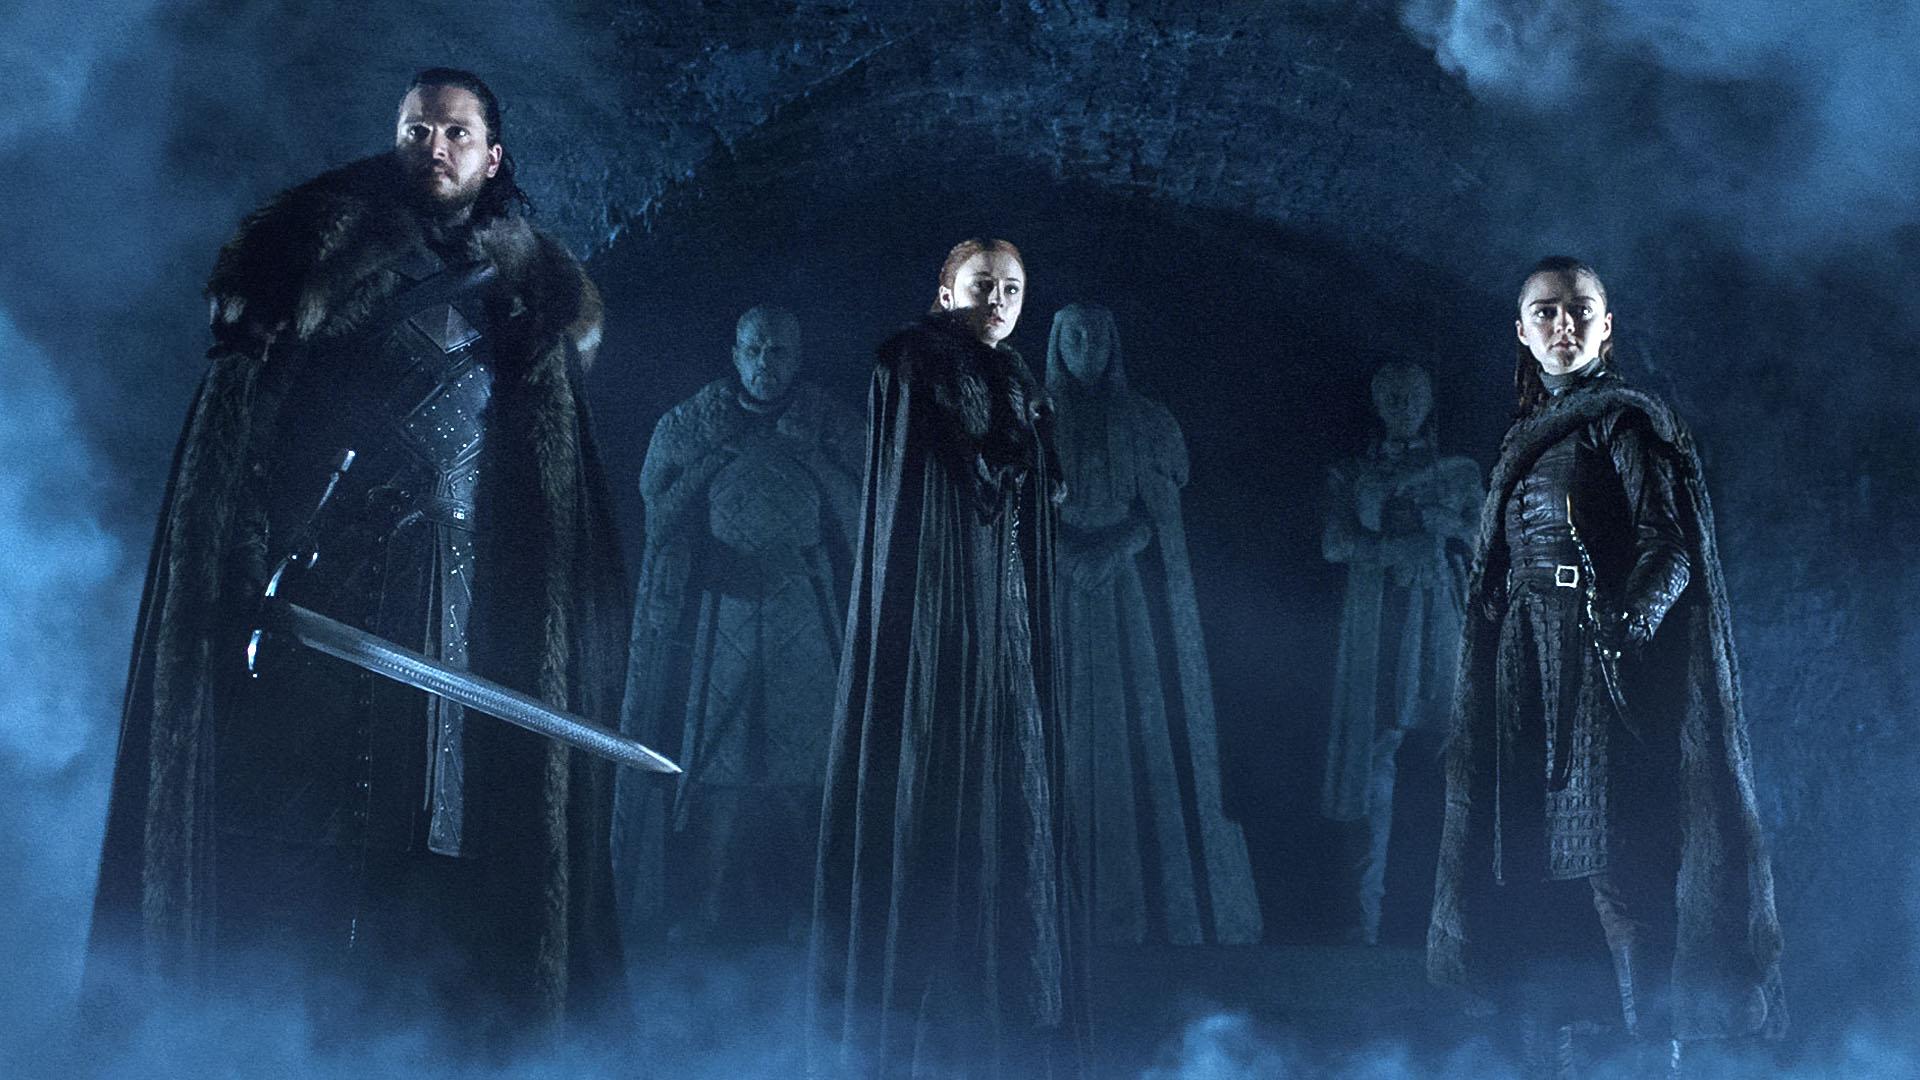 HBO | Game of Thrones 8a. Temporada recebe trailer oficial